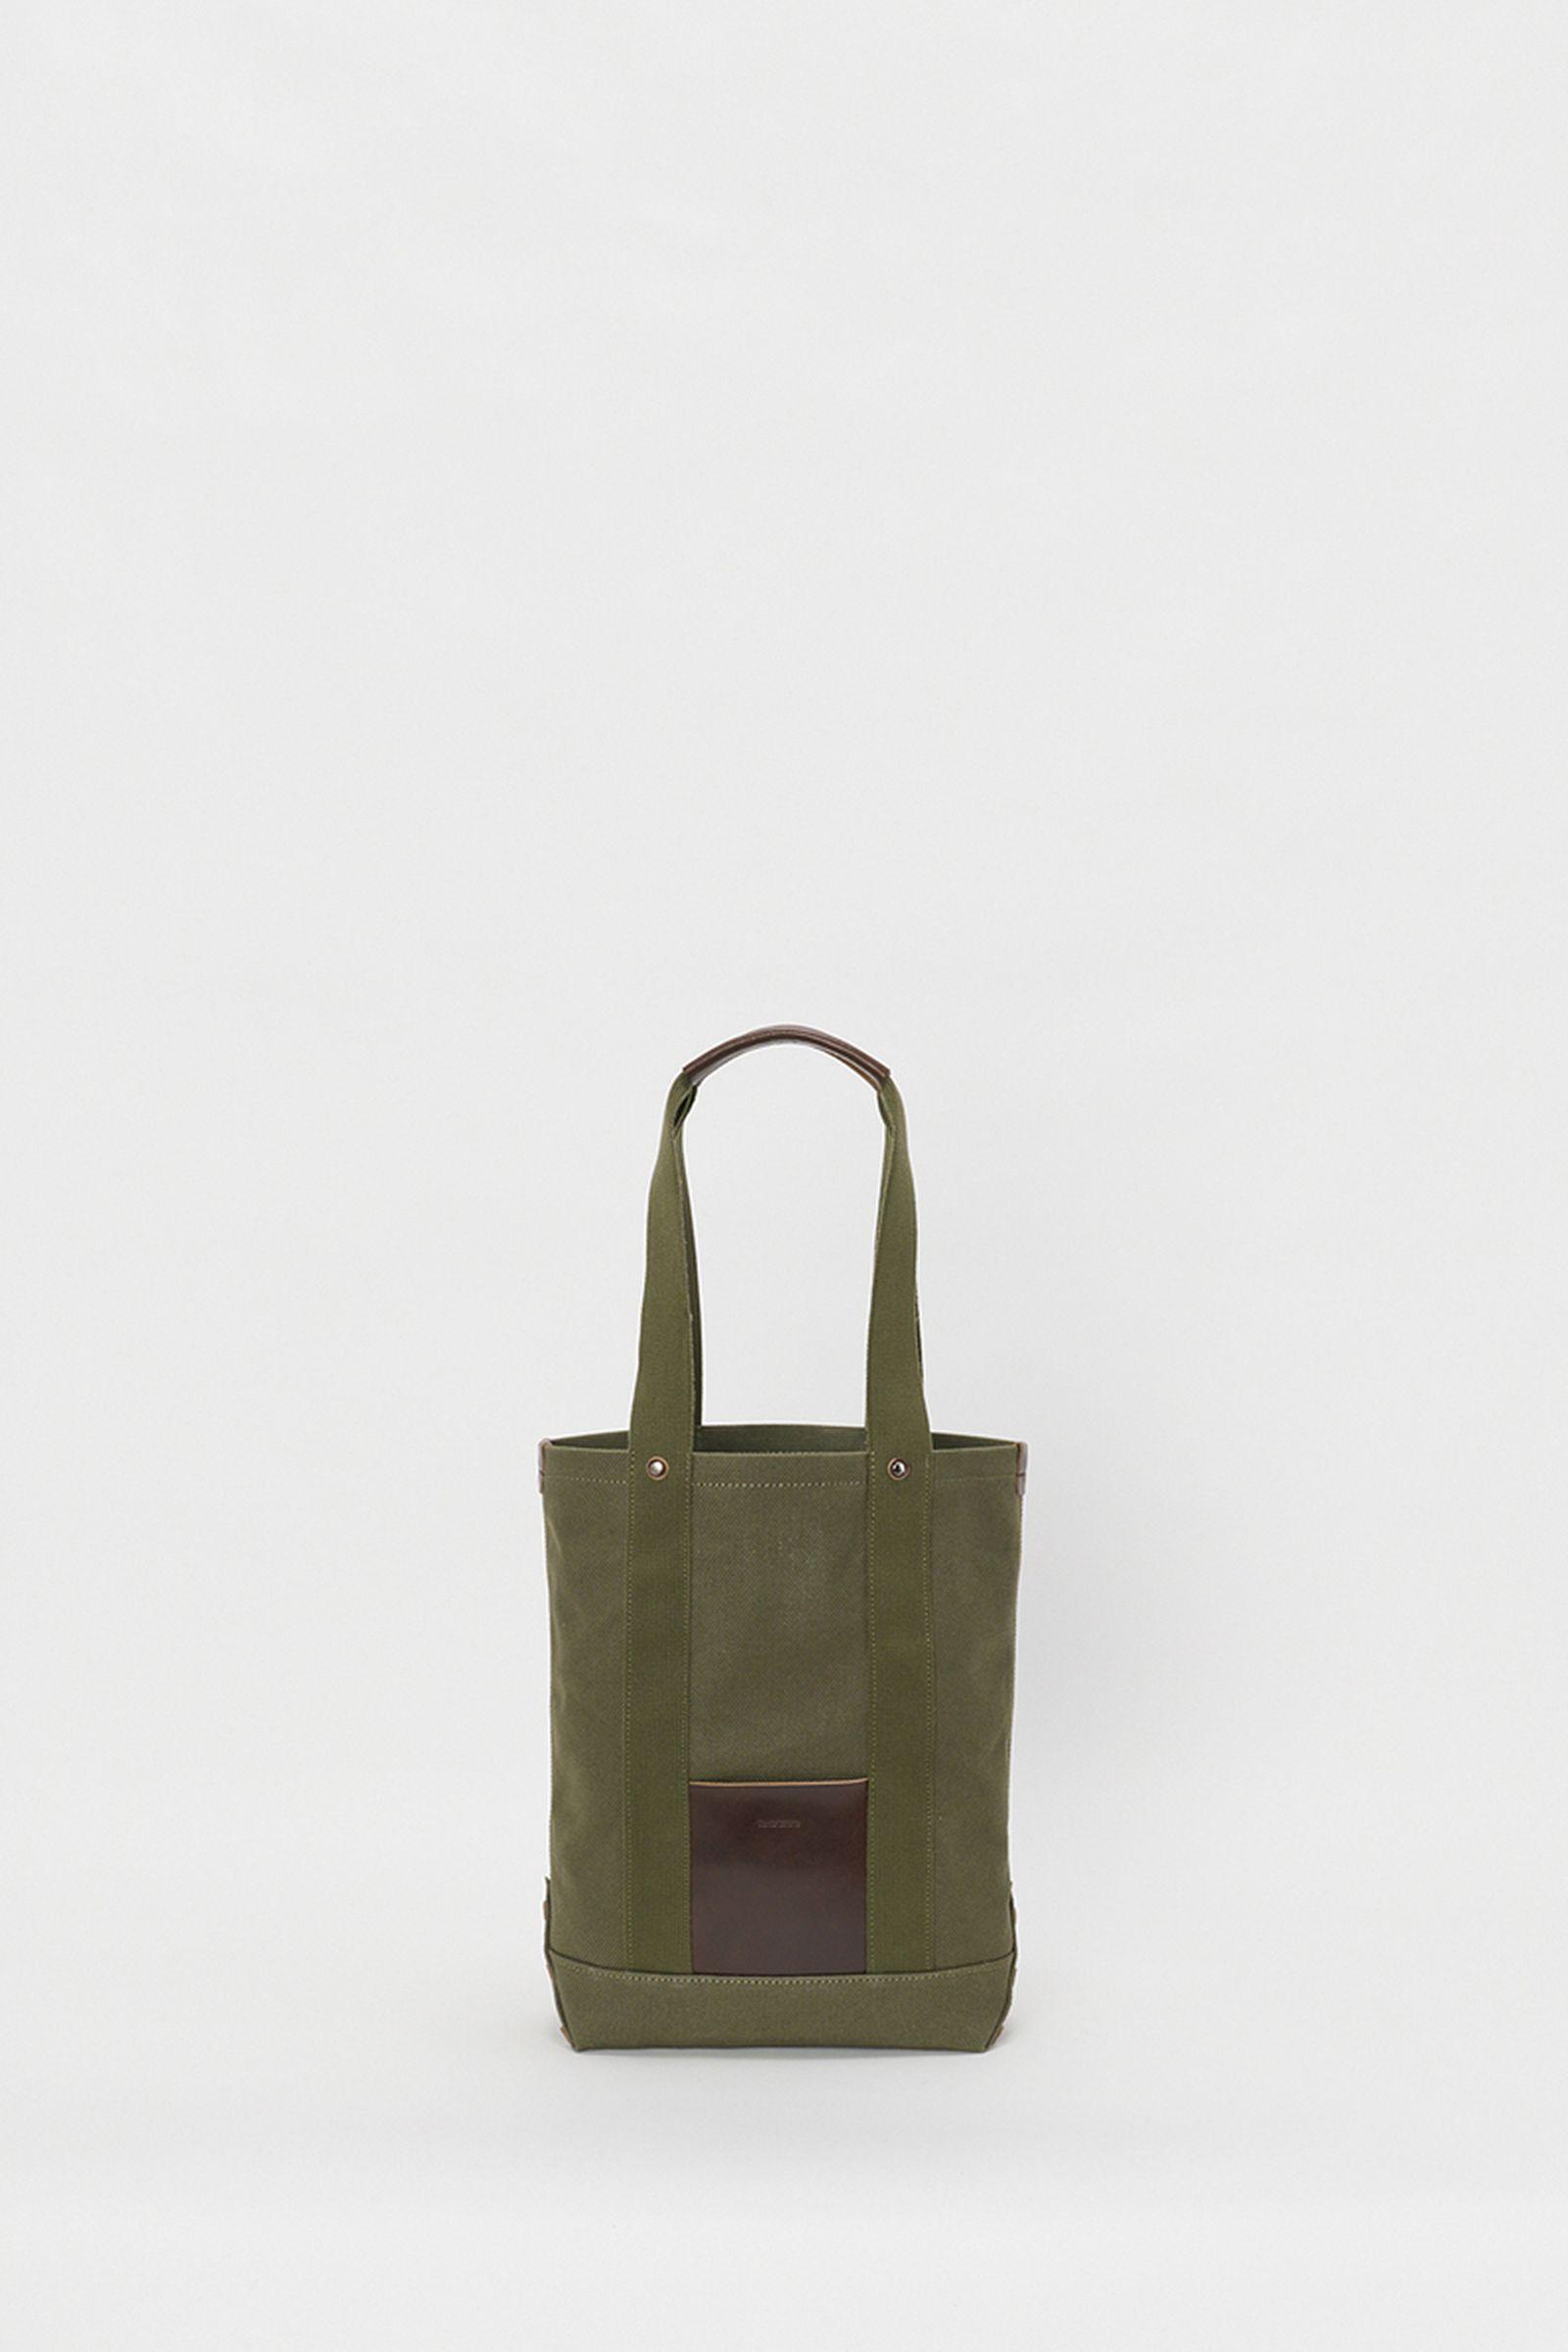 hender-scheme-summer-autumn-2021-collection- (35)